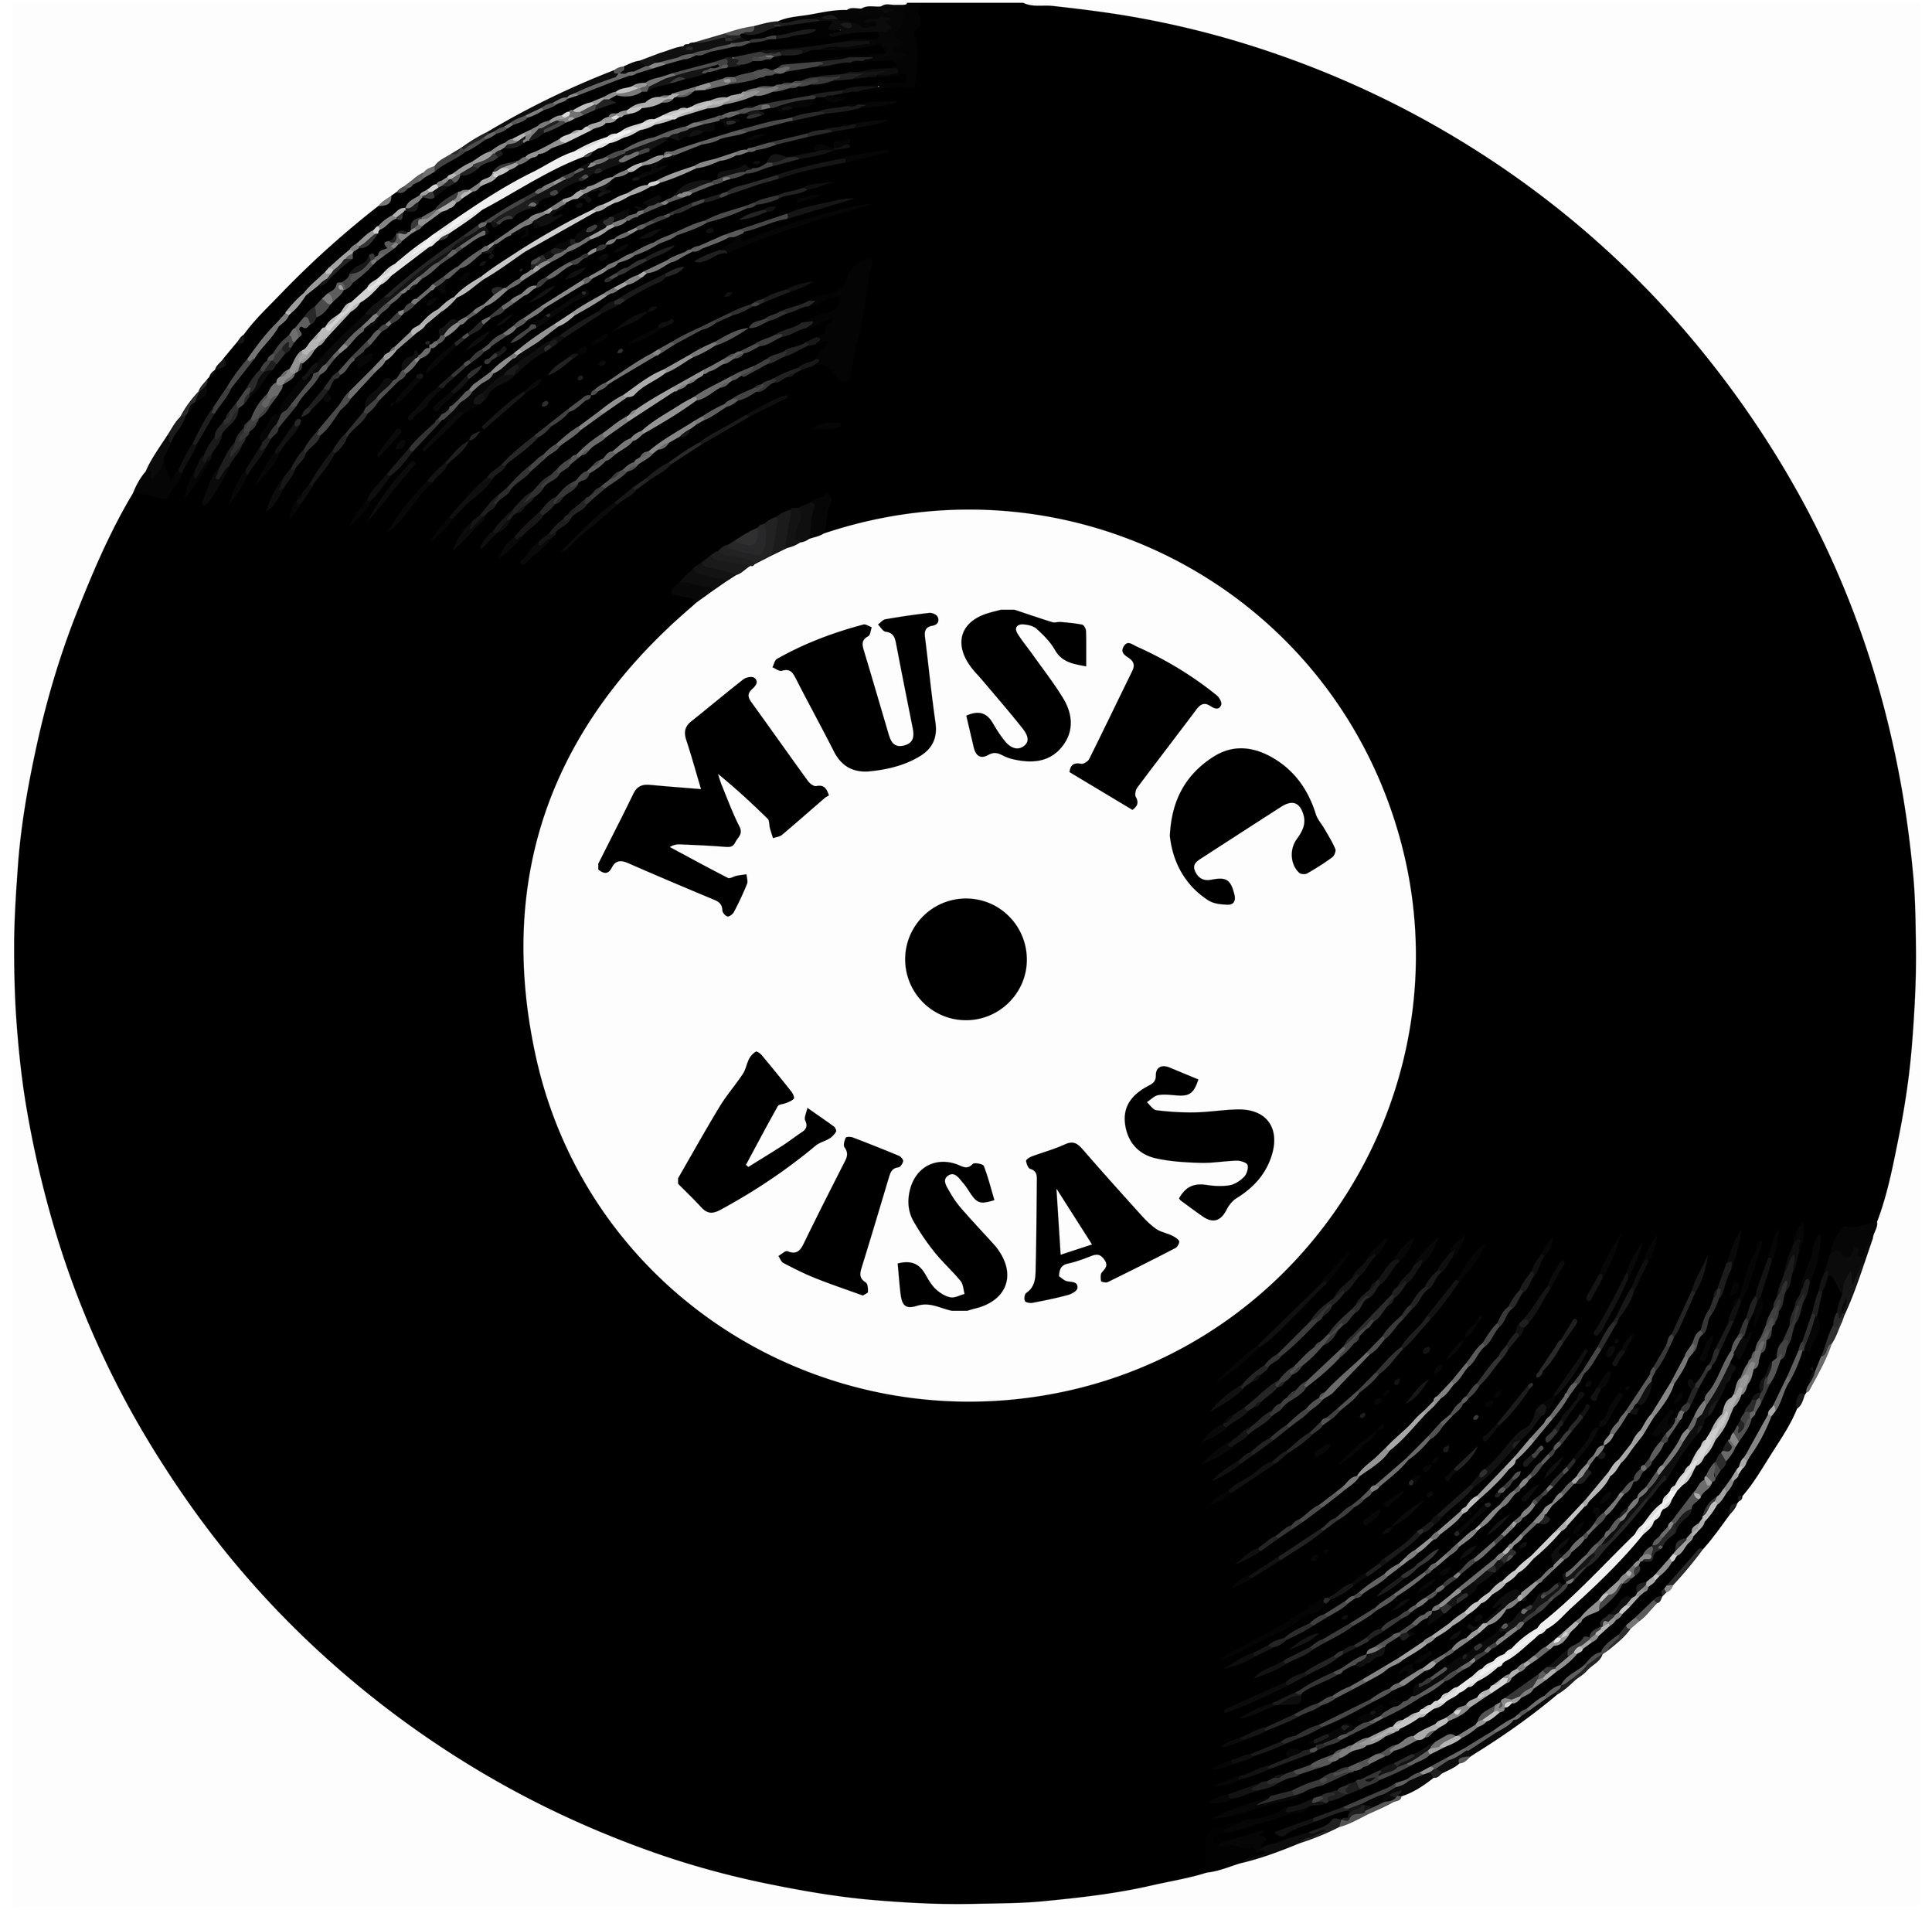 Music-Visas.jpg